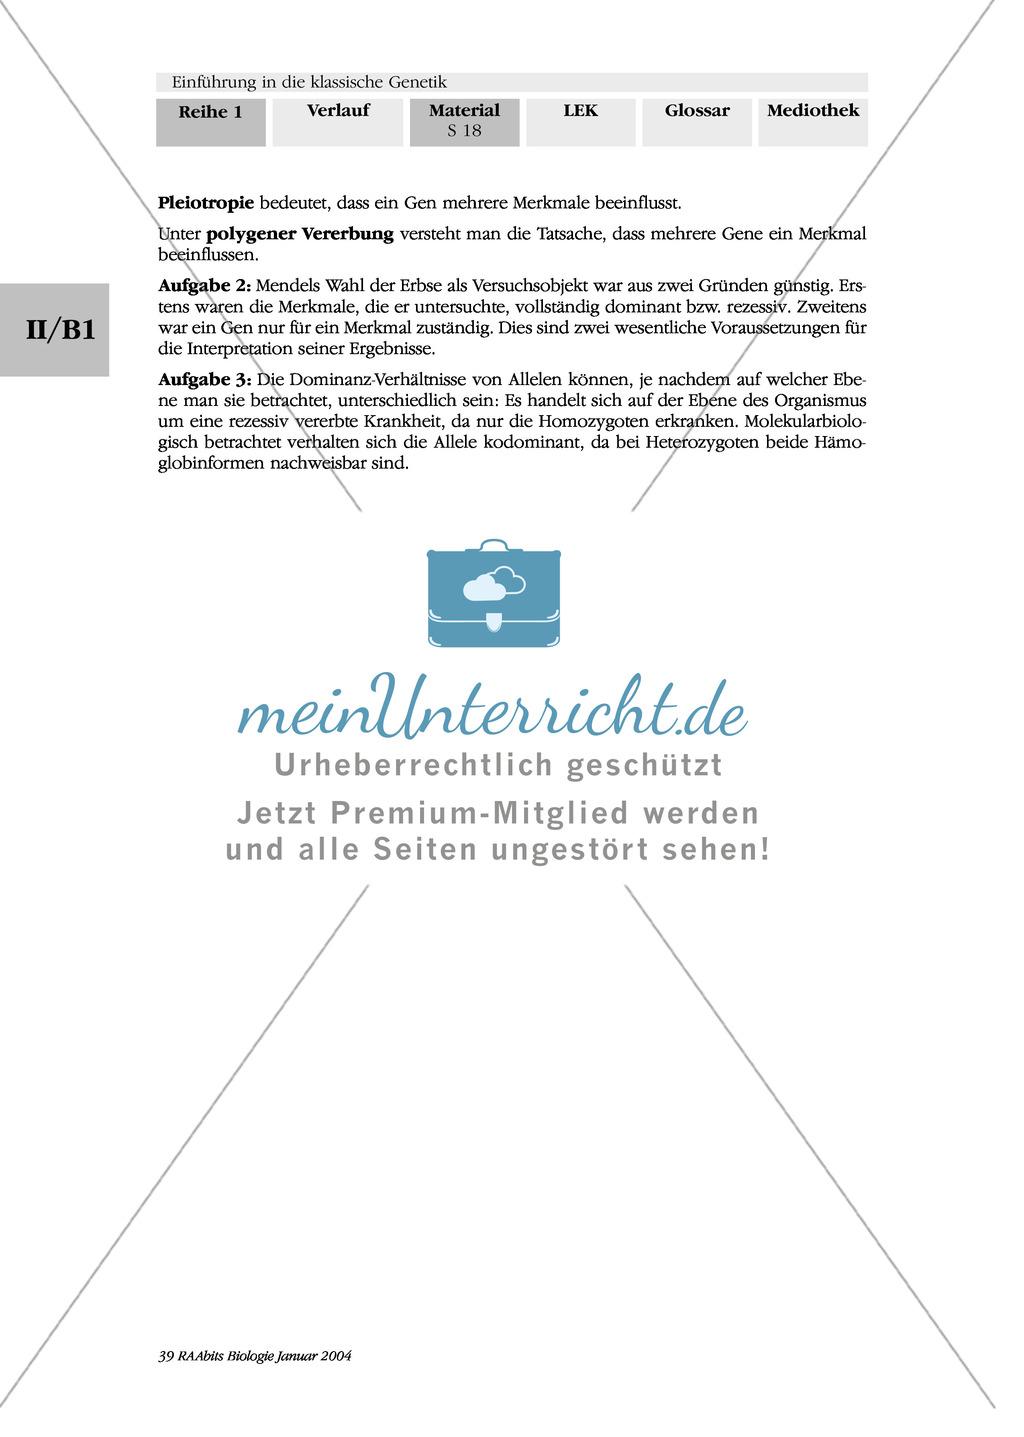 Erfreut Mendel Und Vererbung Arbeitsblatt Antworten Bilder - Super ...